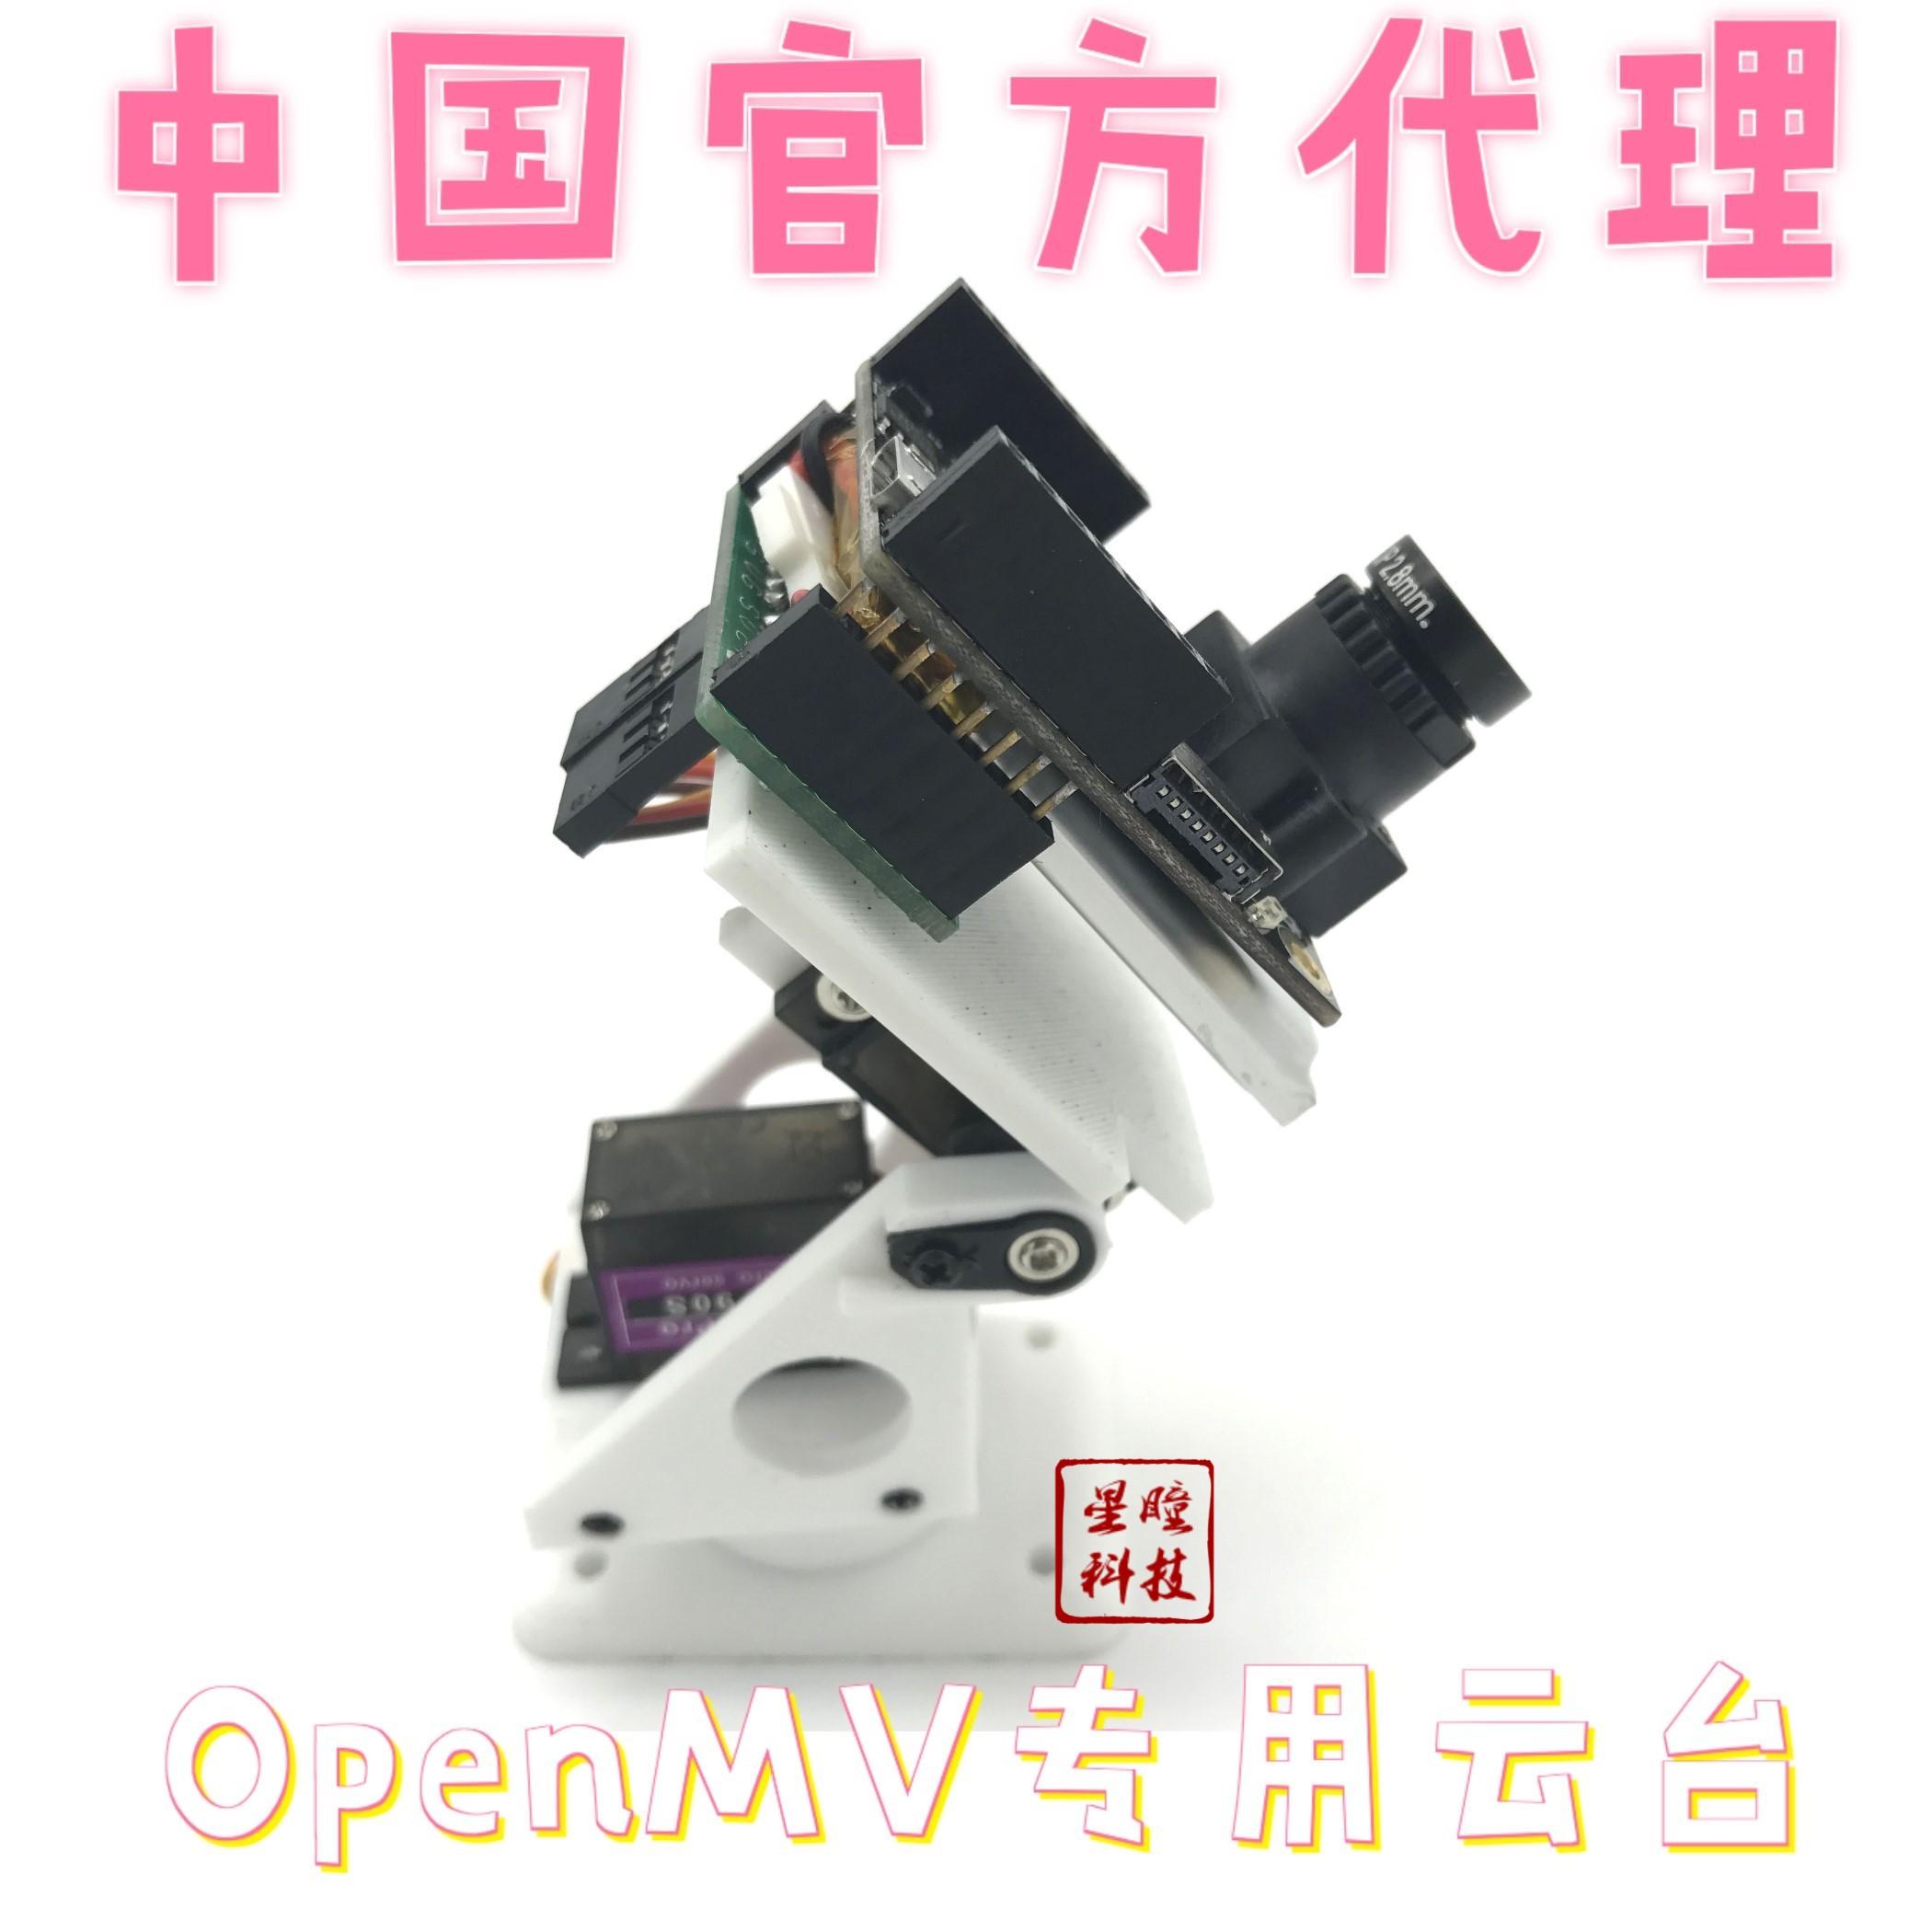 Звезда зрачок официальный доверенность подлинный OpenMV2 3 Cam M7 сервоприводы ptz + литиевые батареи, зарядки зарядка + расширять доска